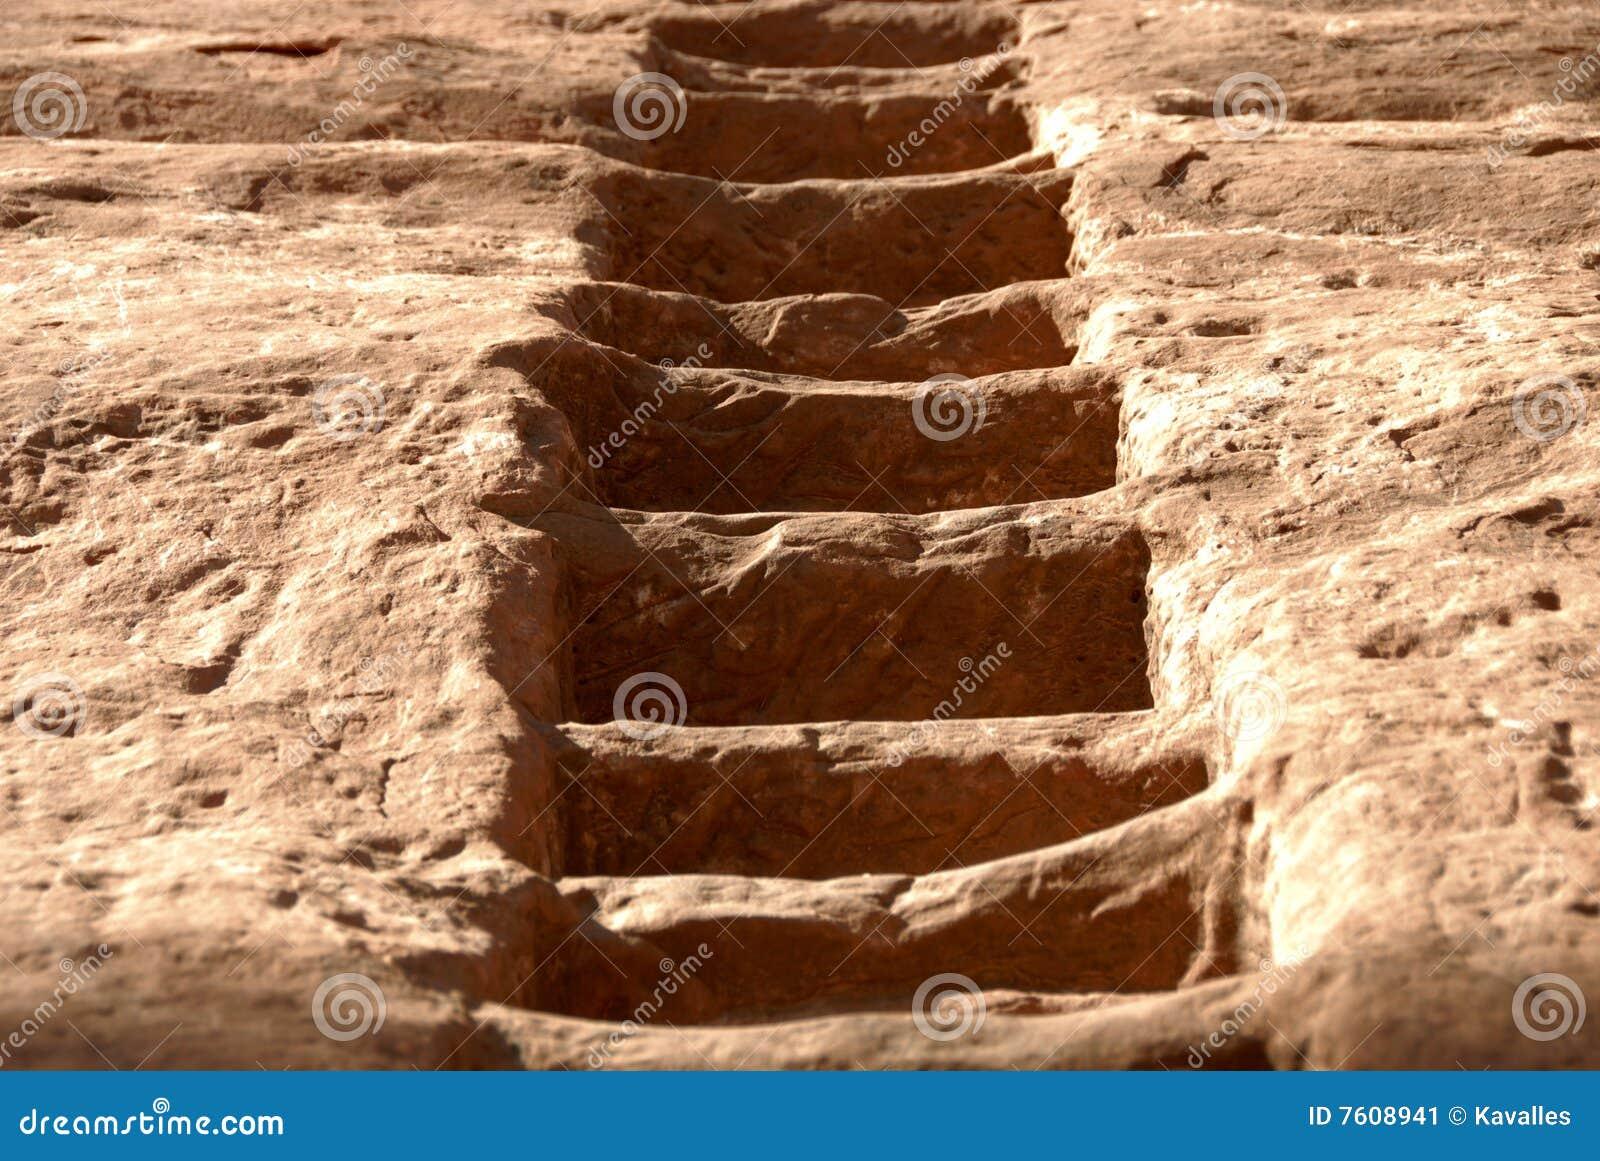 被雕刻的砂岩楼梯